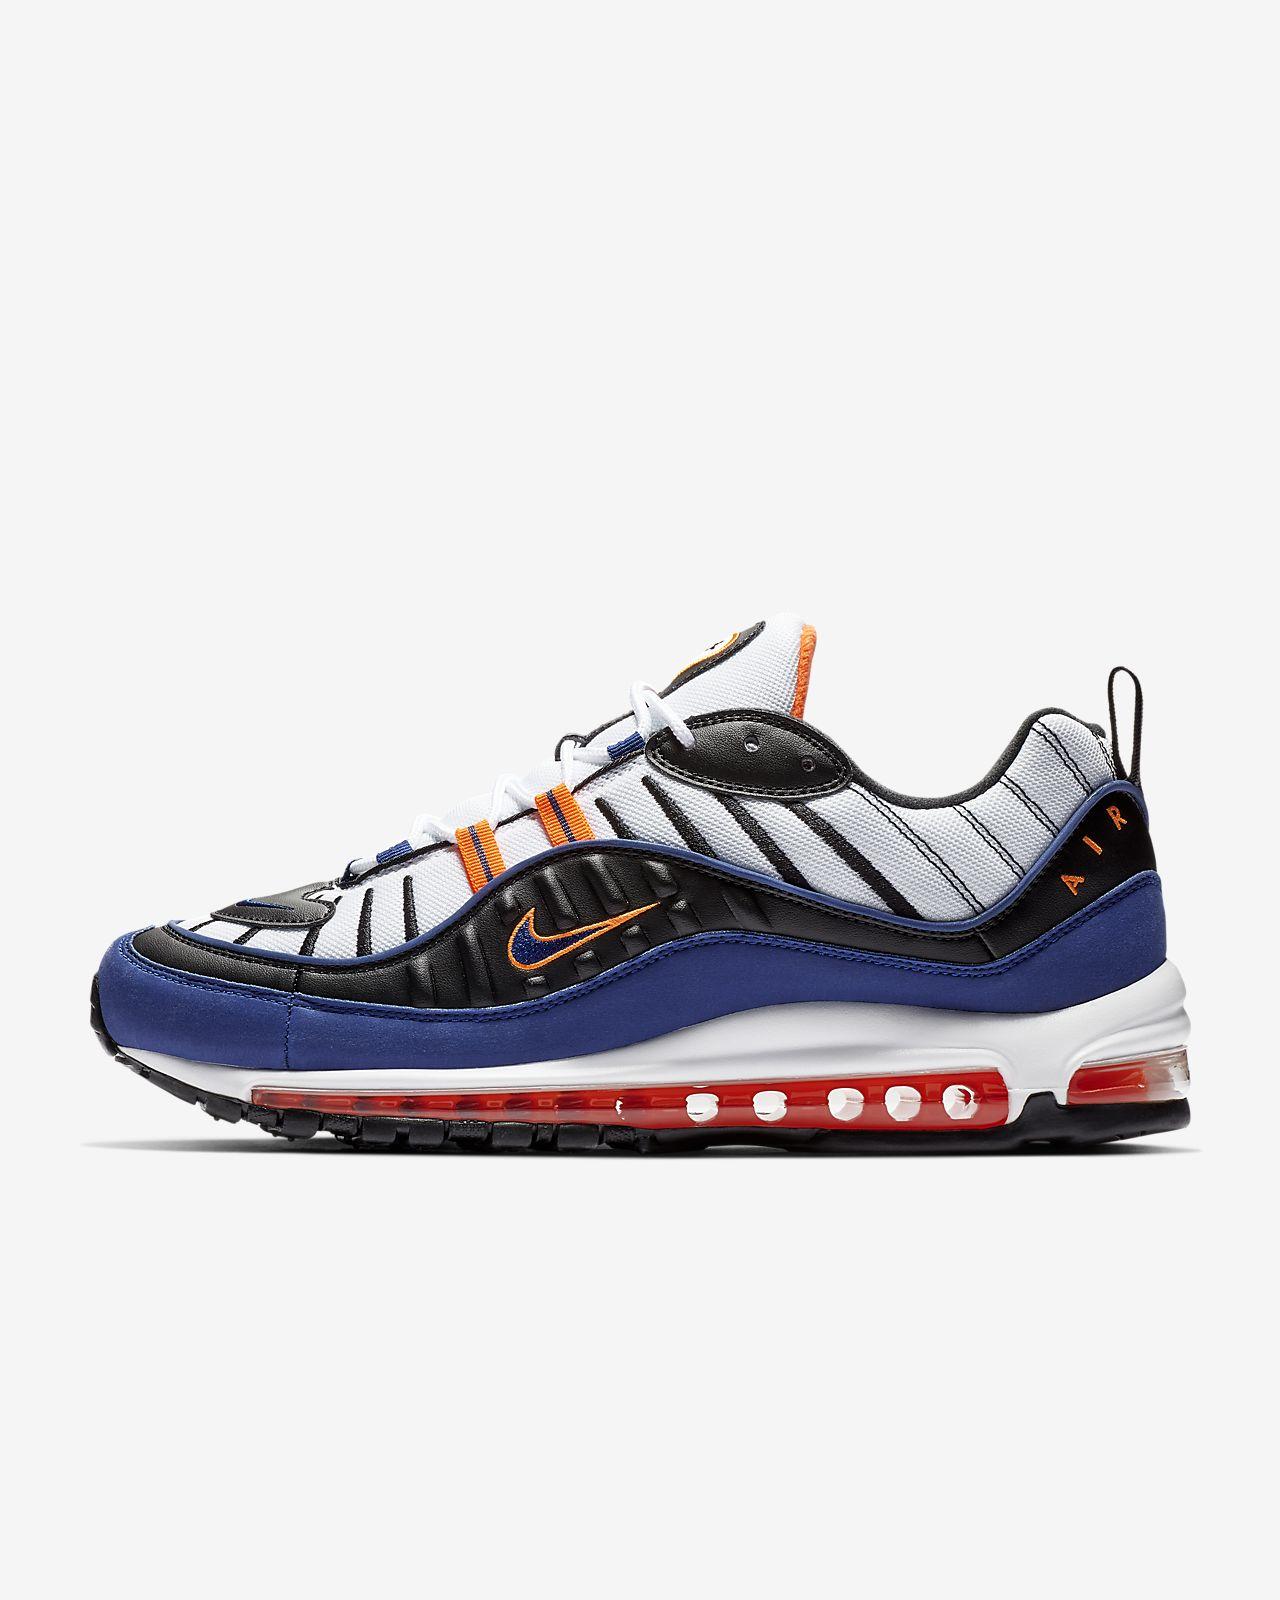 premium selection 43d99 ea843 ... Nike Air Max 98 Men s Shoe